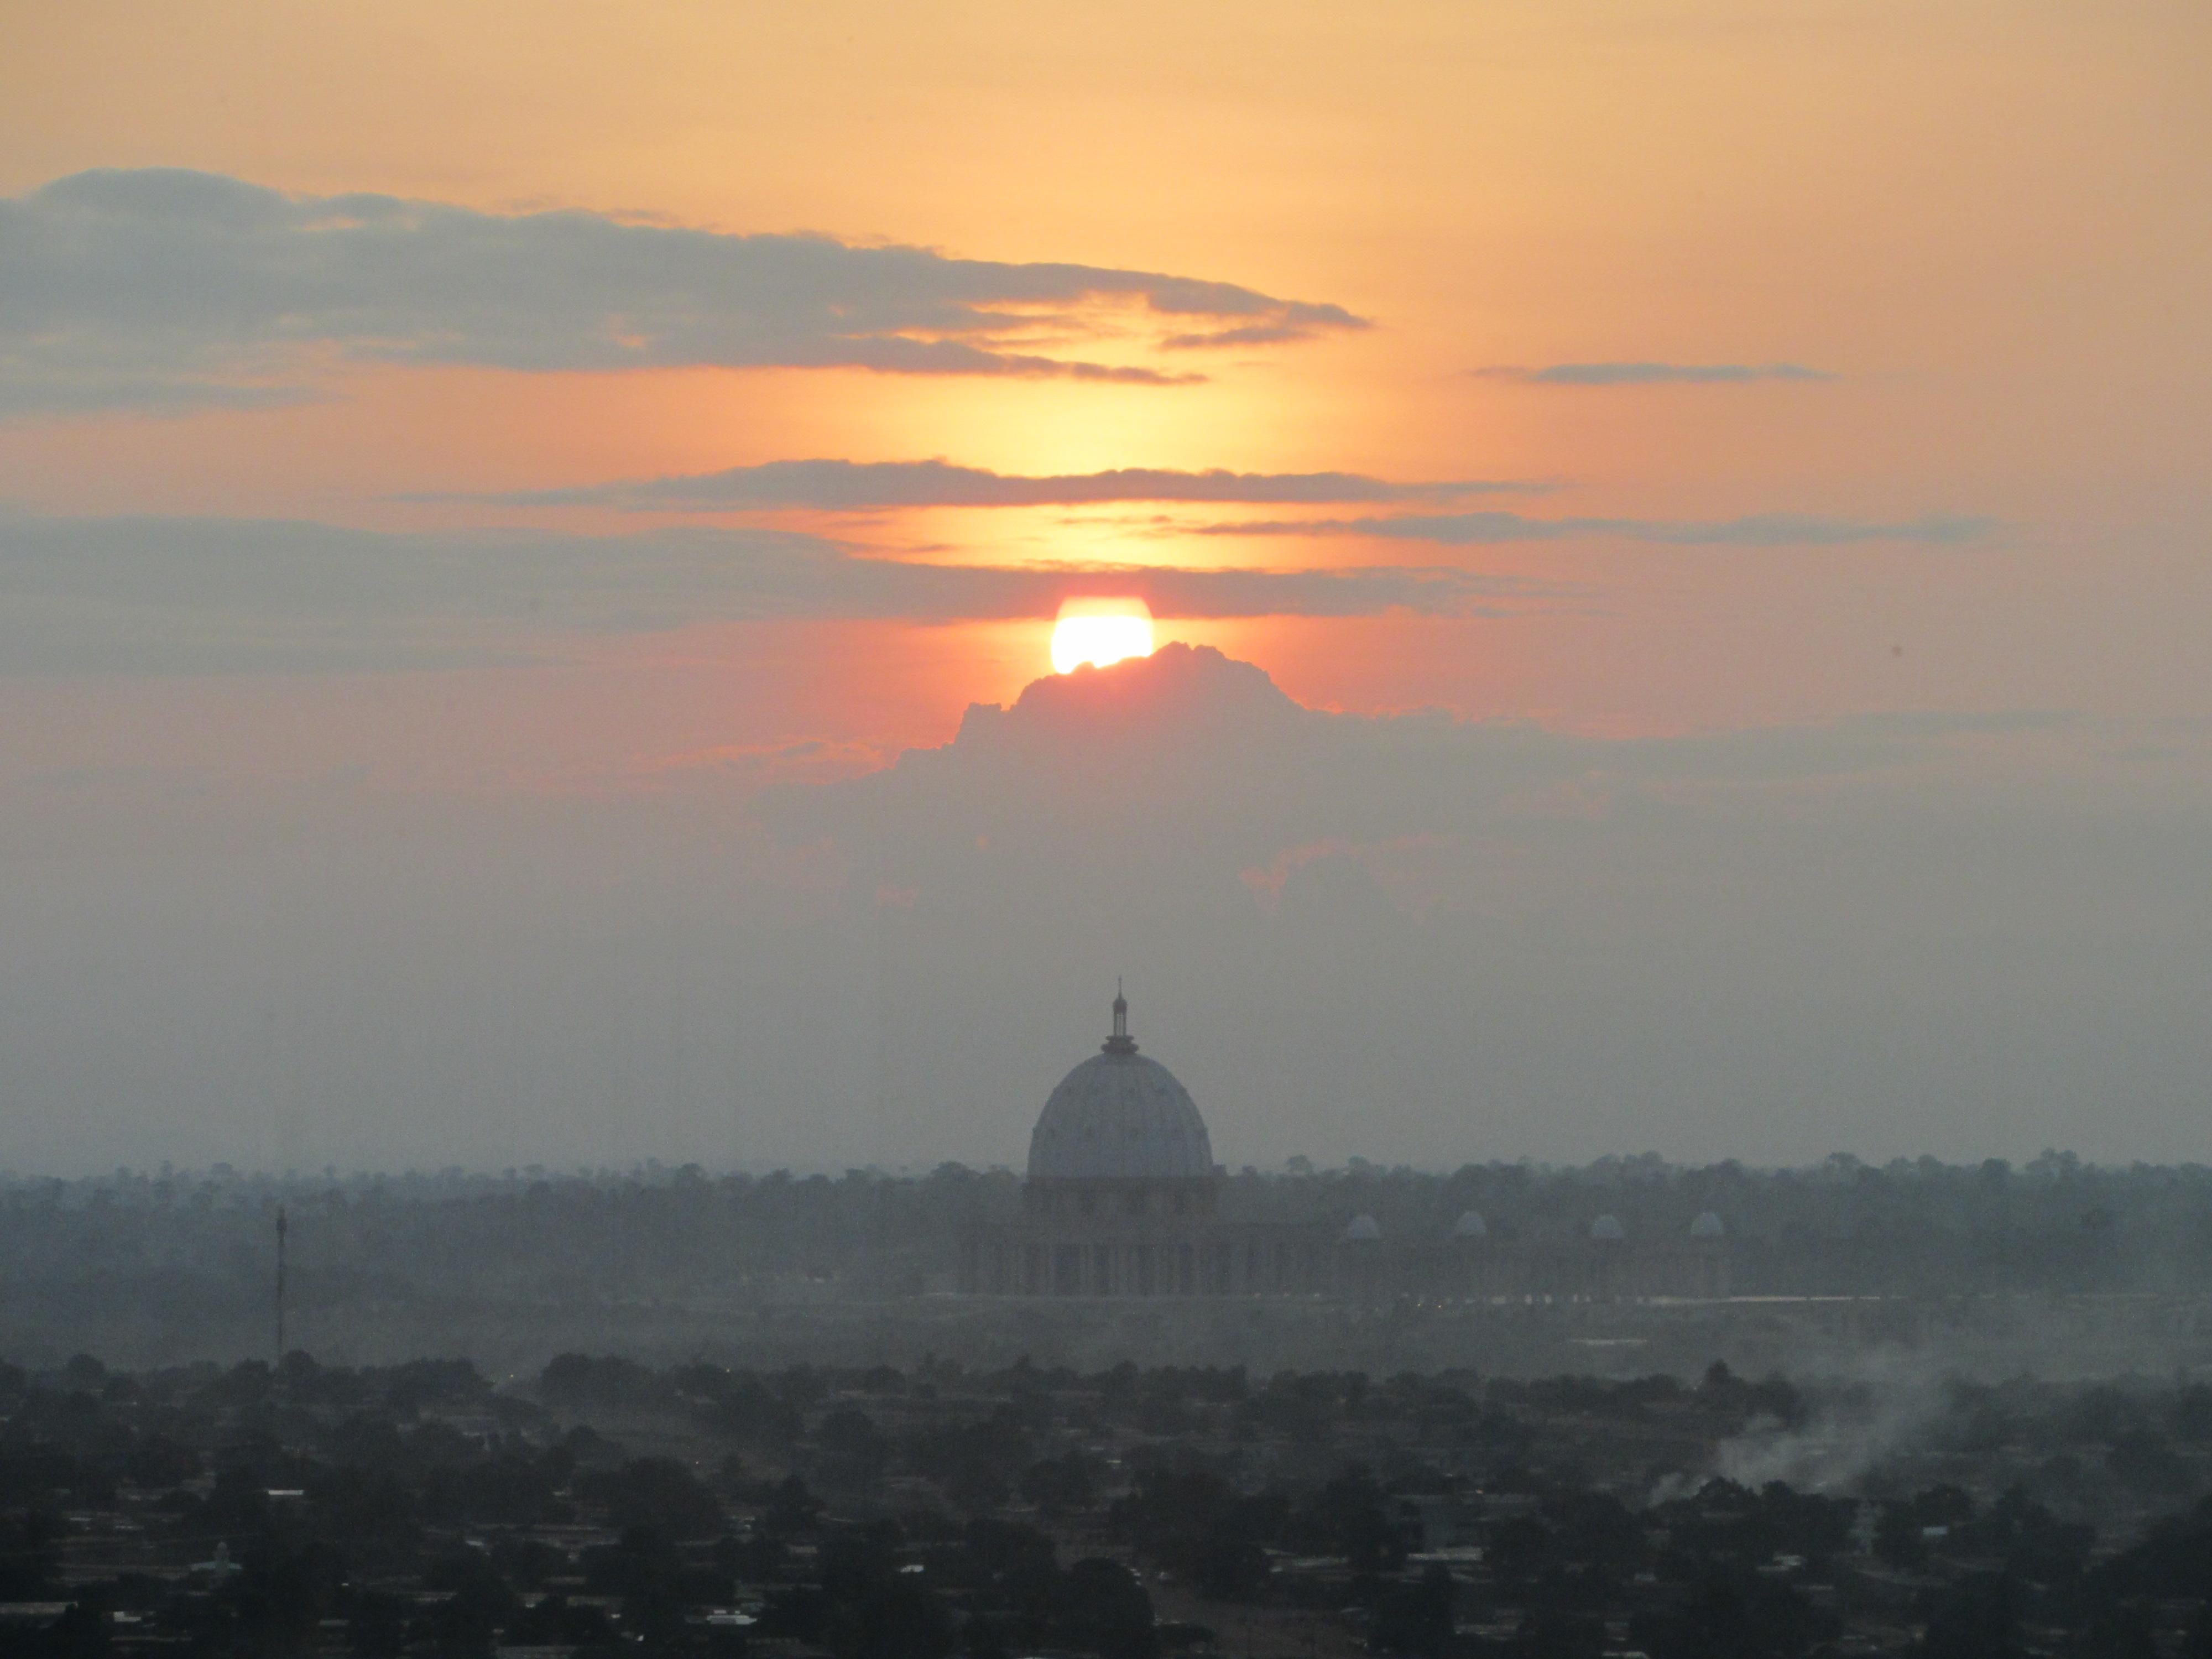 La gran Basílica, des de la barana del llac dels cocodrils